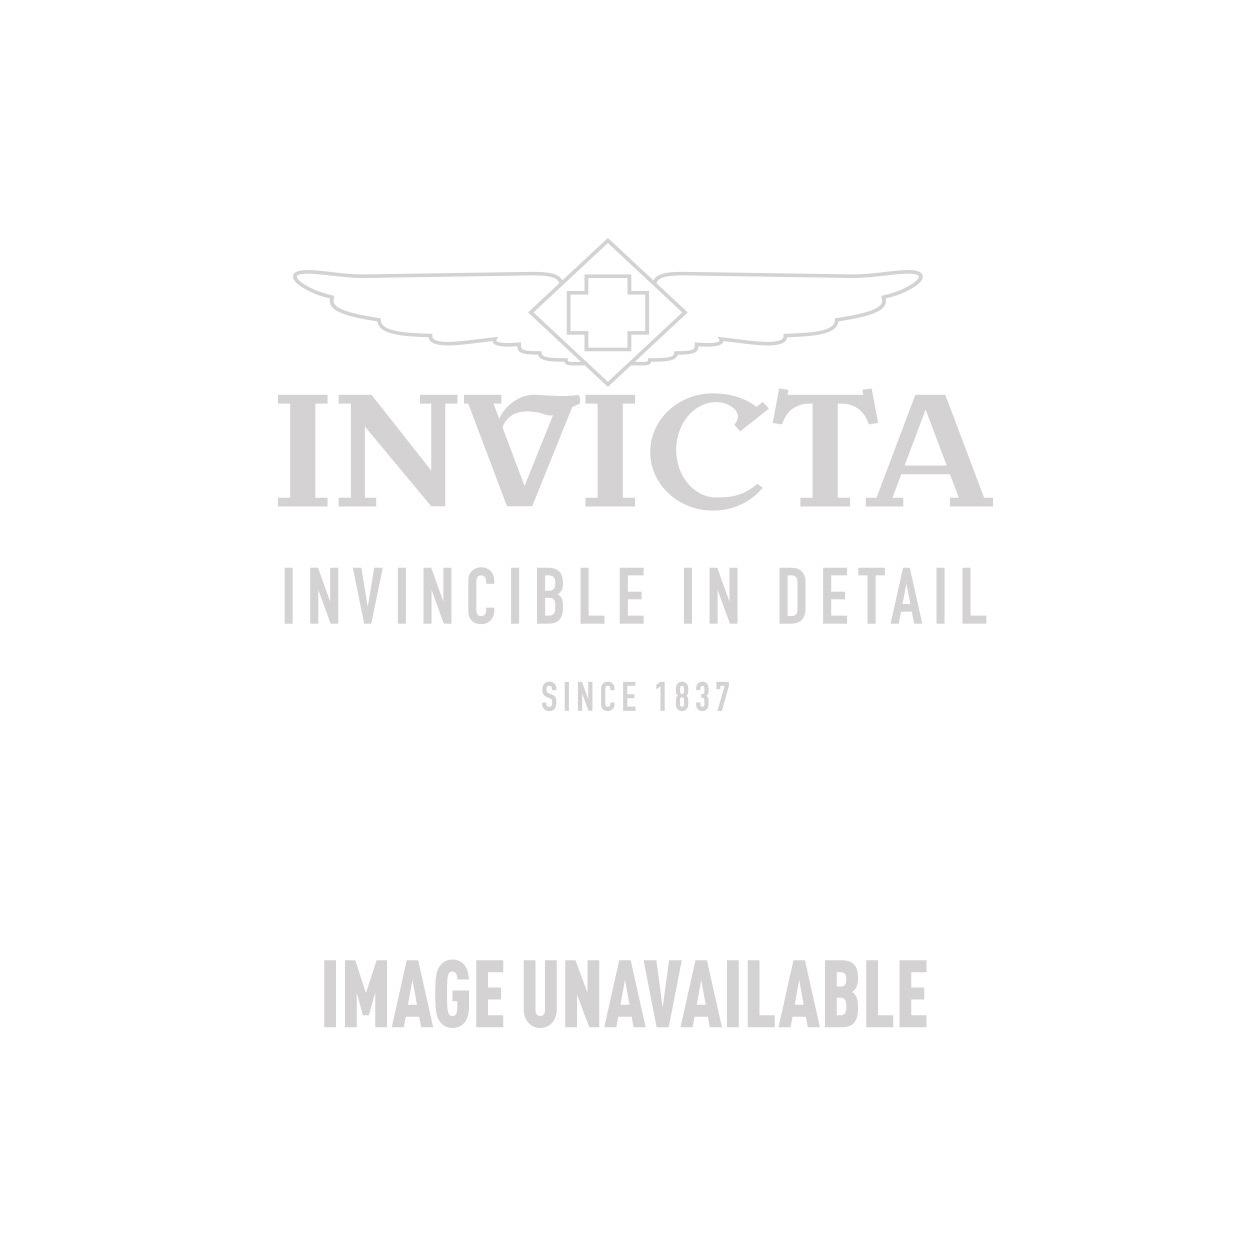 Invicta Model 25520